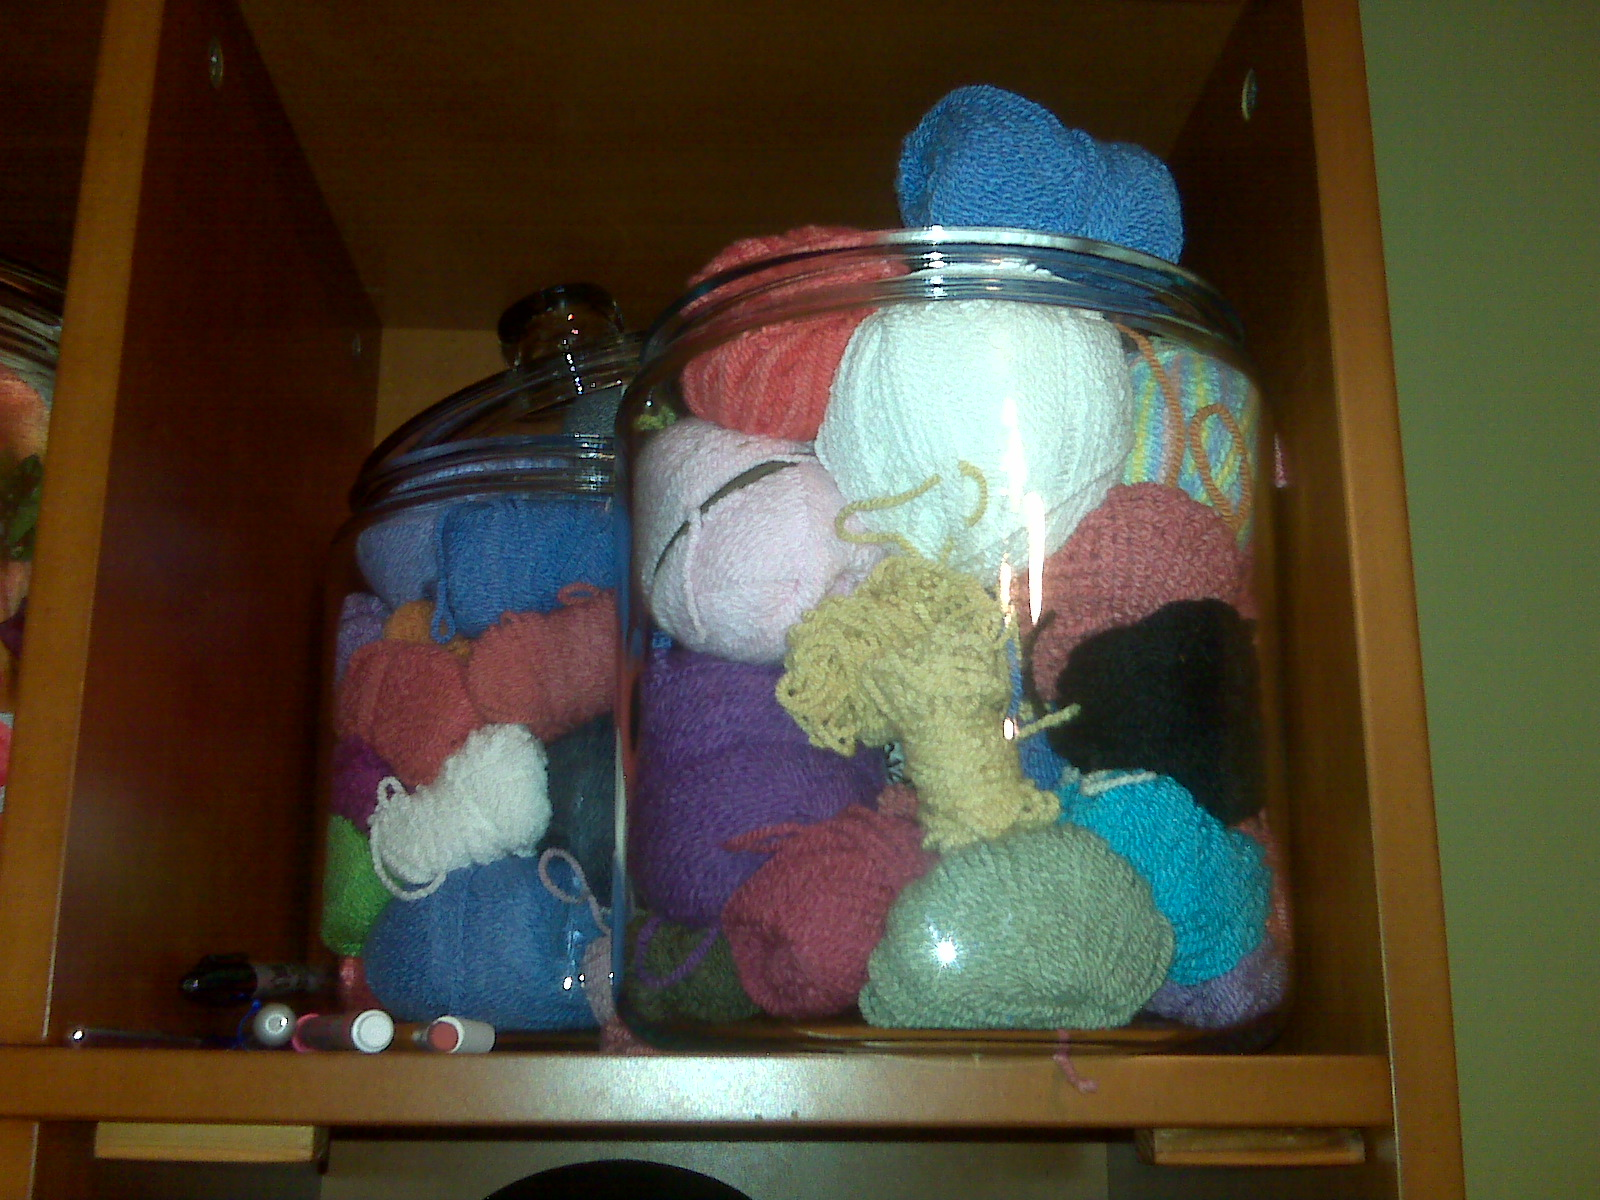 [yarn+scraps.aspx]